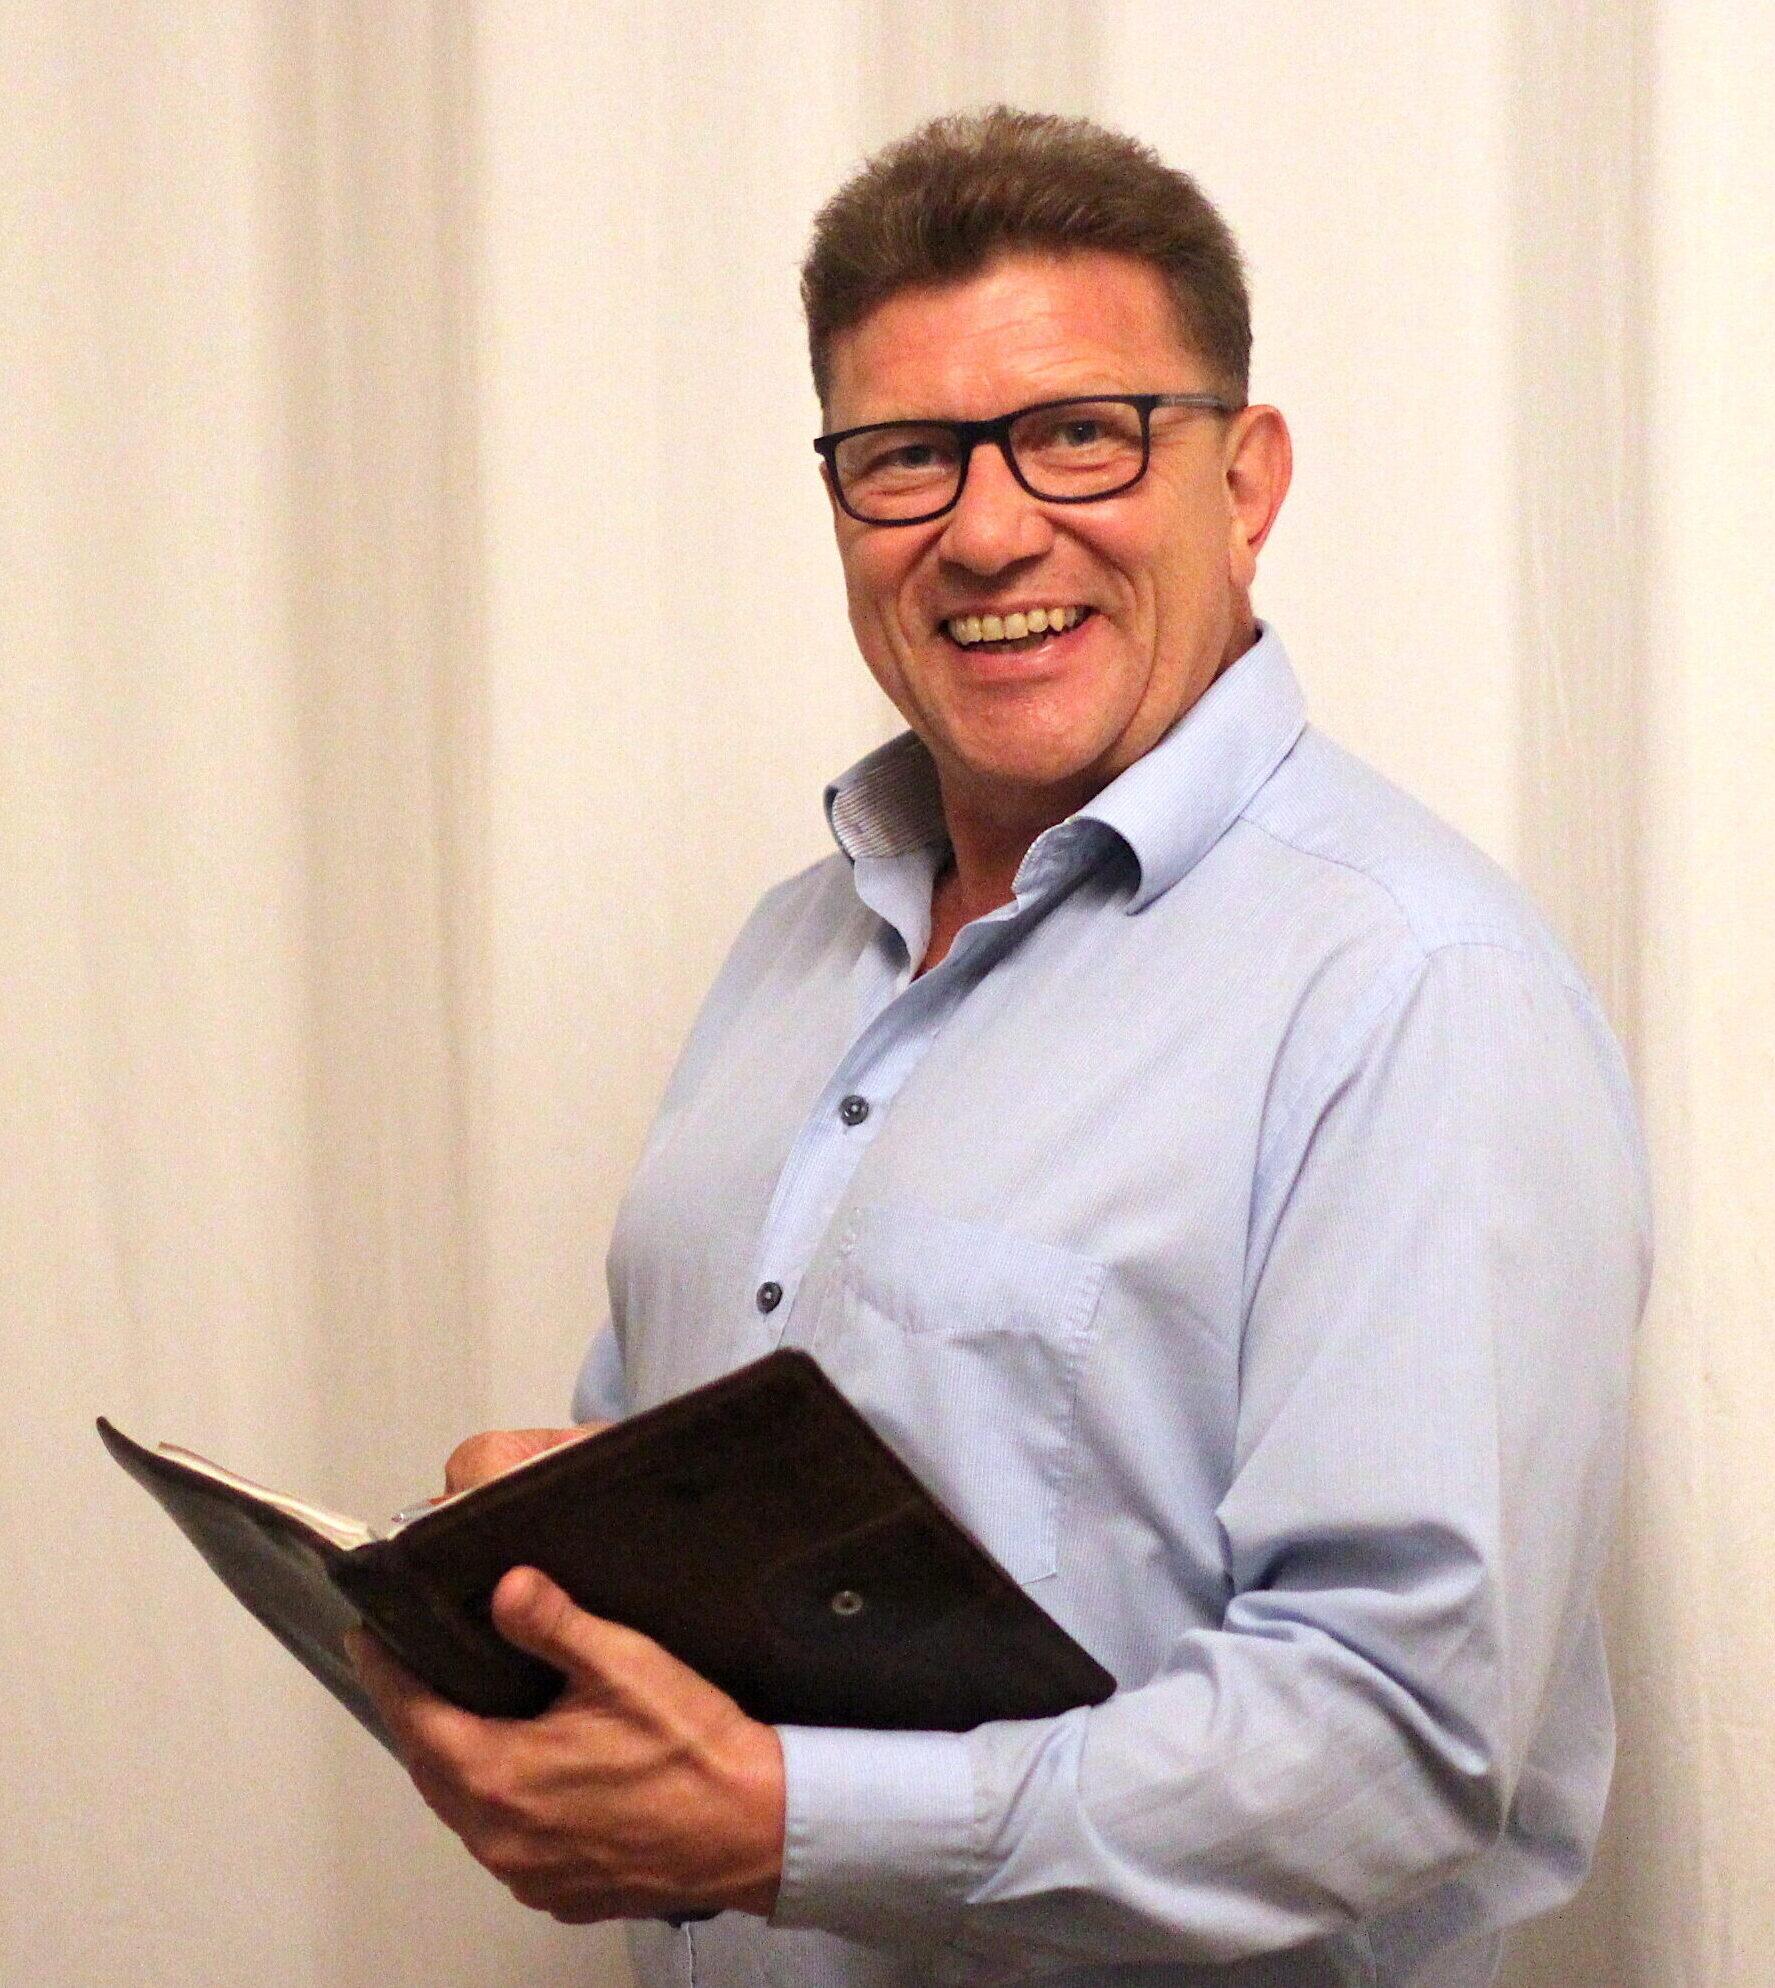 Peter Lomb mit einem Kalender in der Hand. Er ist Geschäftsführender Gesellschafter der gemeinnützigen HörMal Unternehmergesellschaft. Seine Aufgabengebiete sind Veranstaltungen und Förderungen. Er ist außerdem Sprecher für Audiodeskription, Foto: Florian Eib.